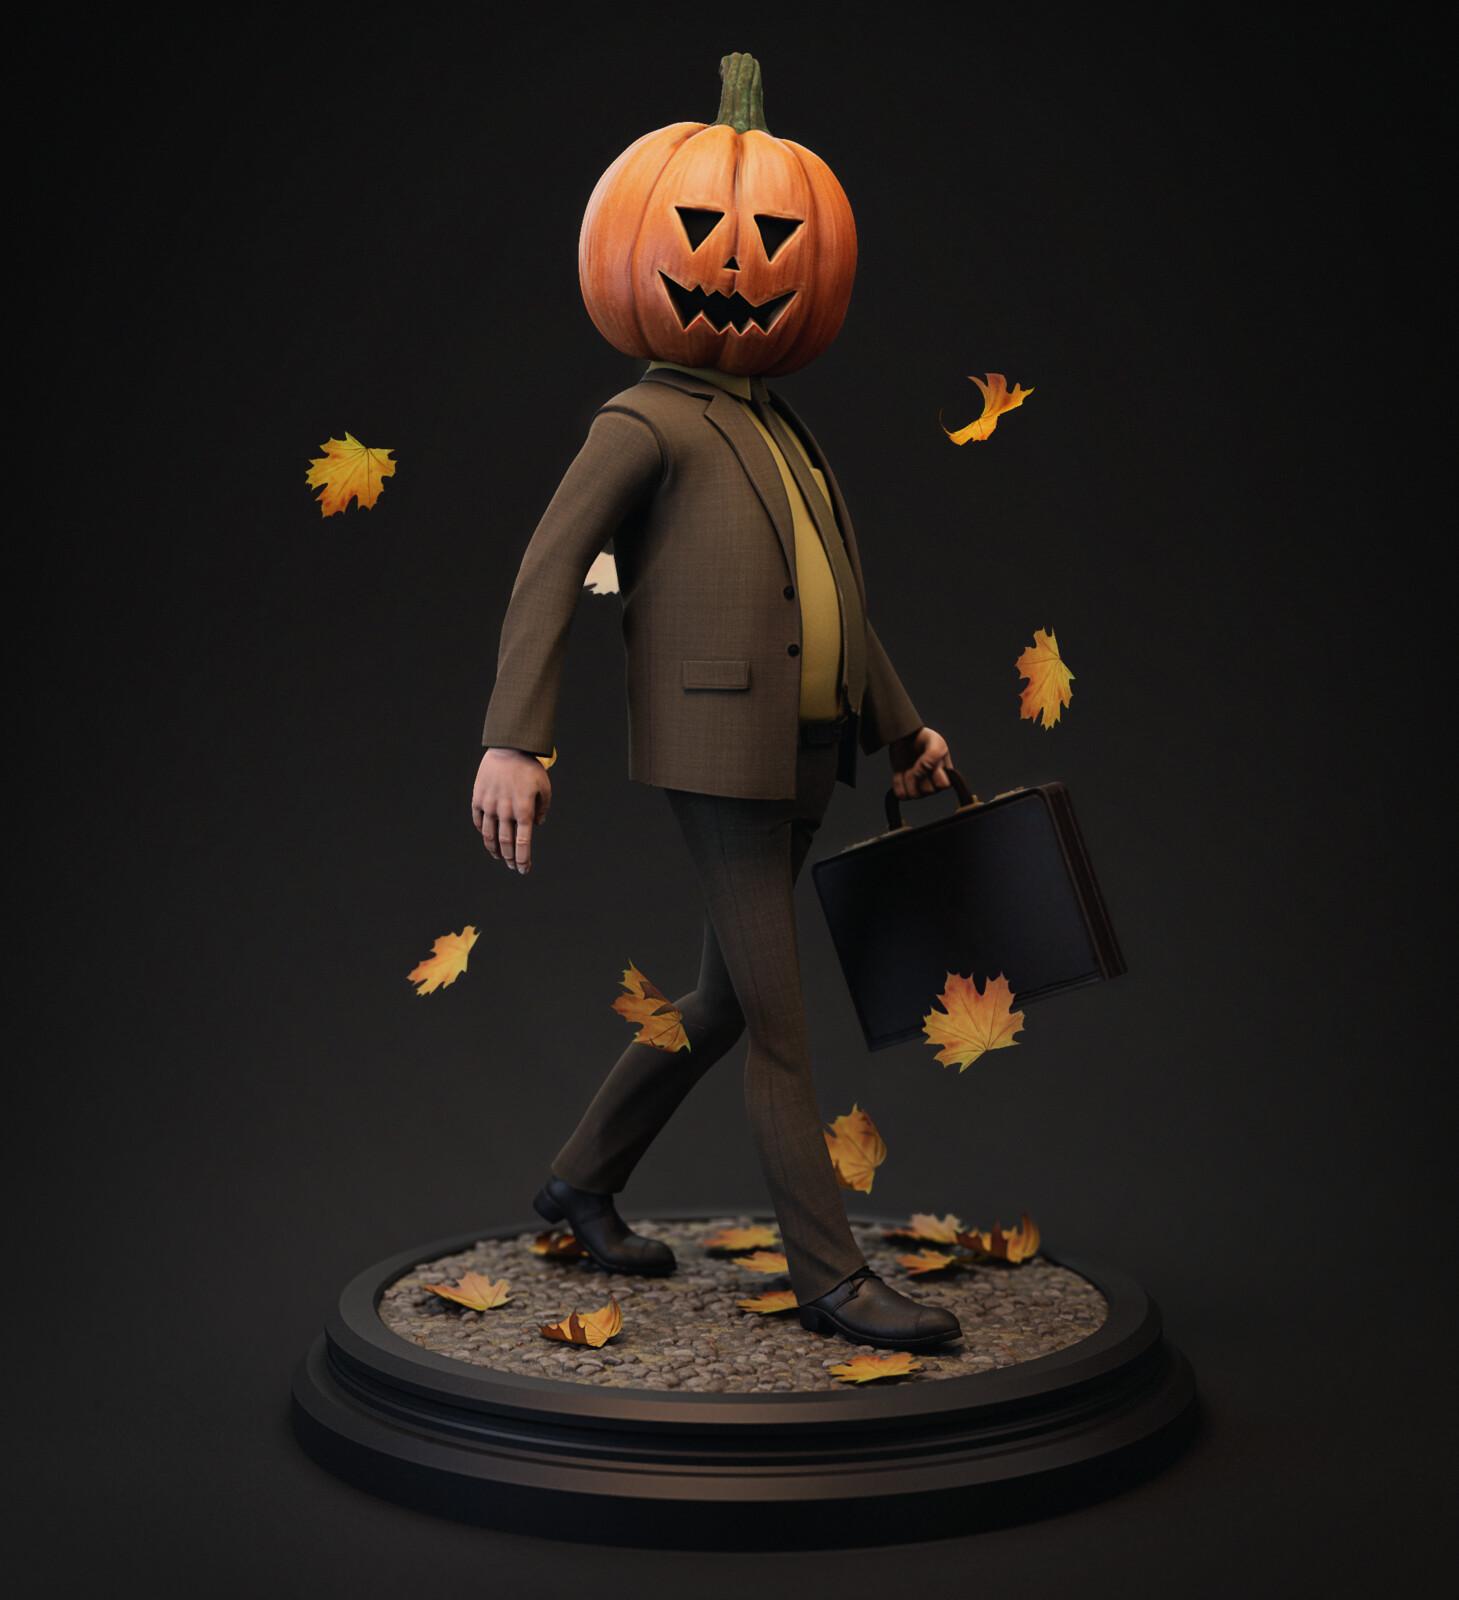 Pumpkin Dwight